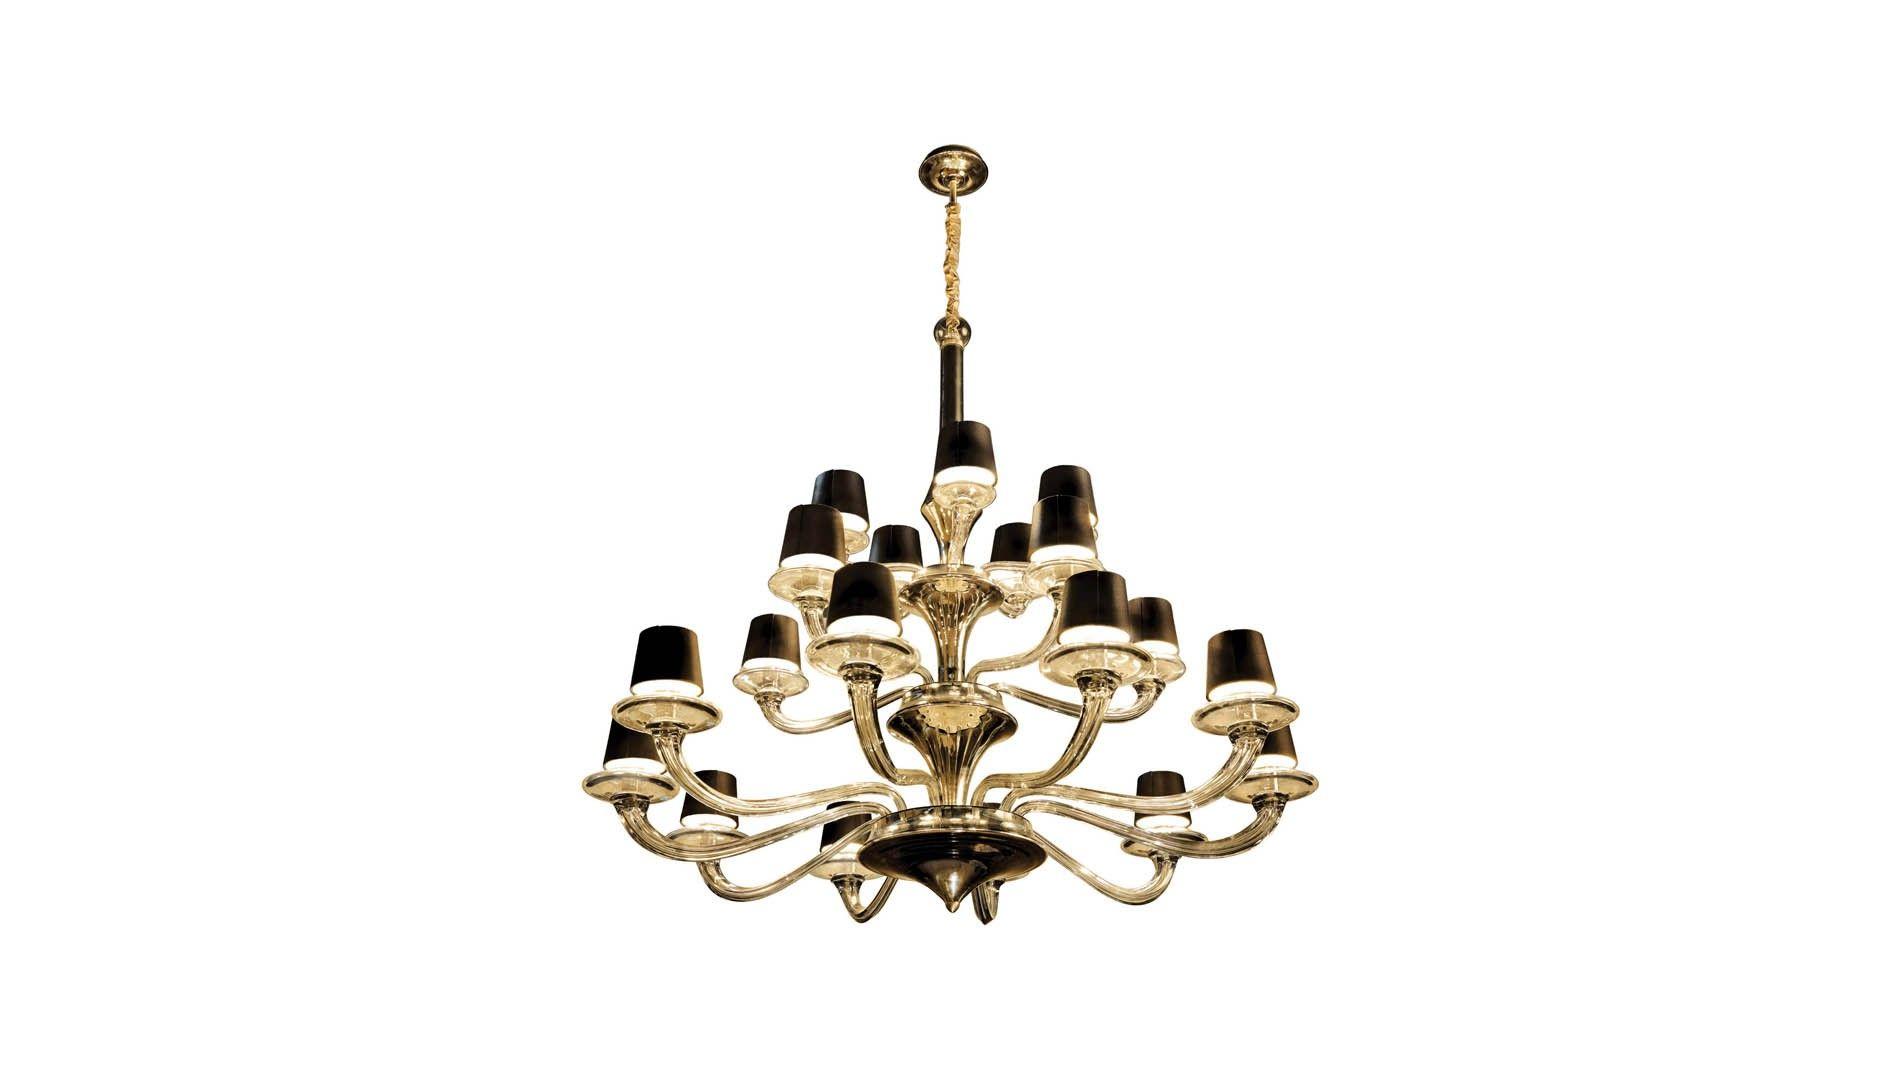 Buy donghia luna grande 7 arm chandelier online at luxdeco hand buy donghia luna grande 7 arm chandelier online at luxdeco hand blown venetian glass arubaitofo Image collections